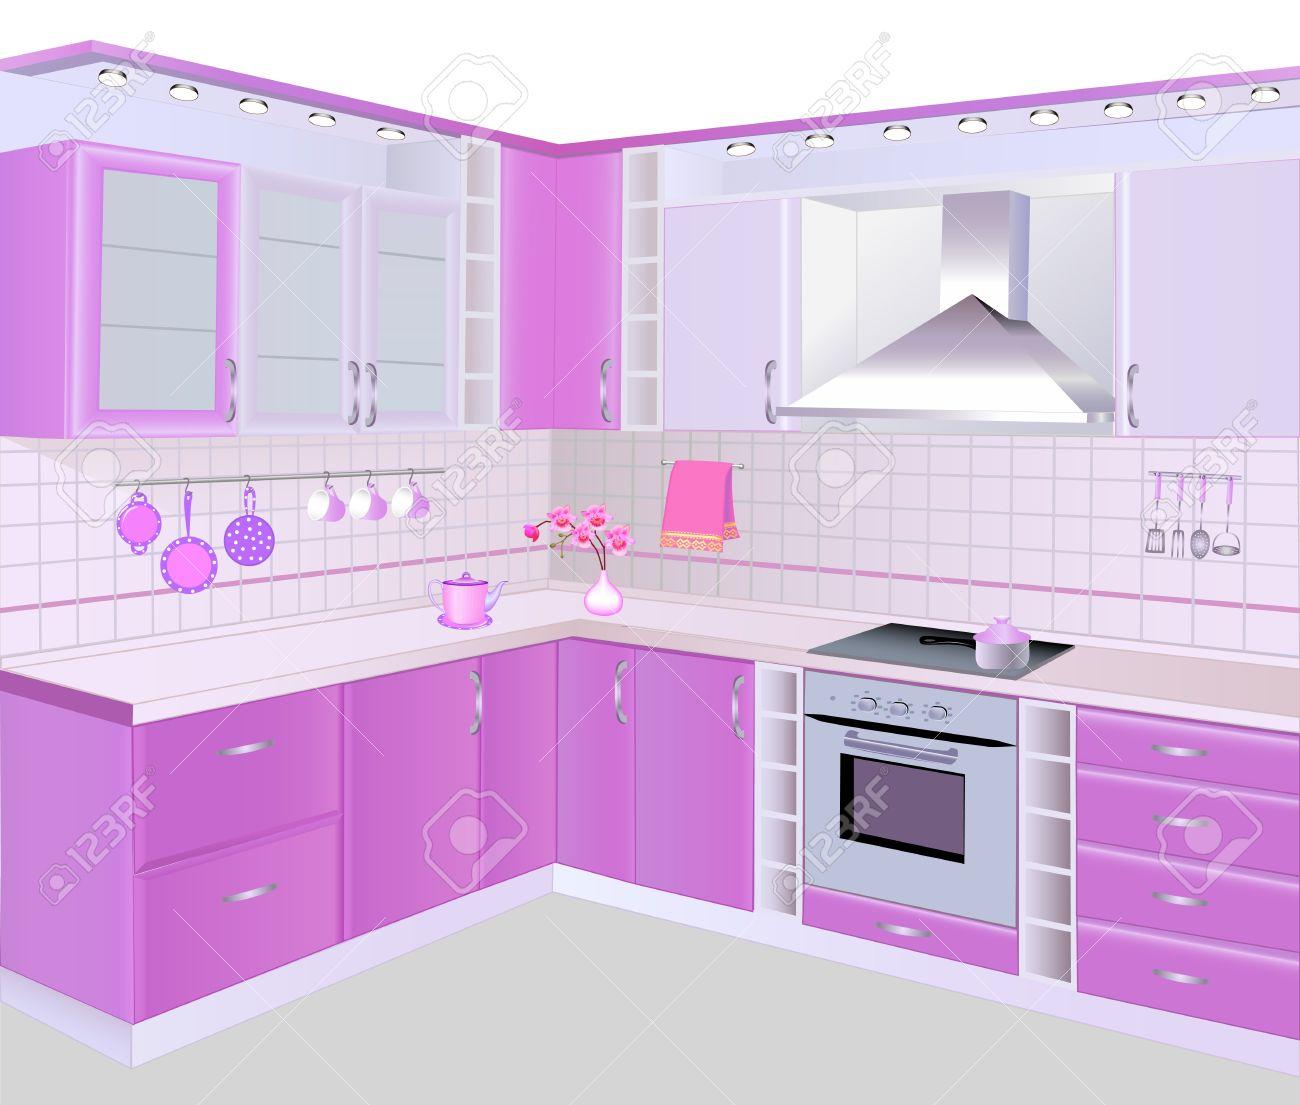 Azulejos De Cocina Y Bao Elegant Azulejos Bao Azulejos En Baos Y  ~ Limpiar Azulejos Cocina Para Queden Brillantes